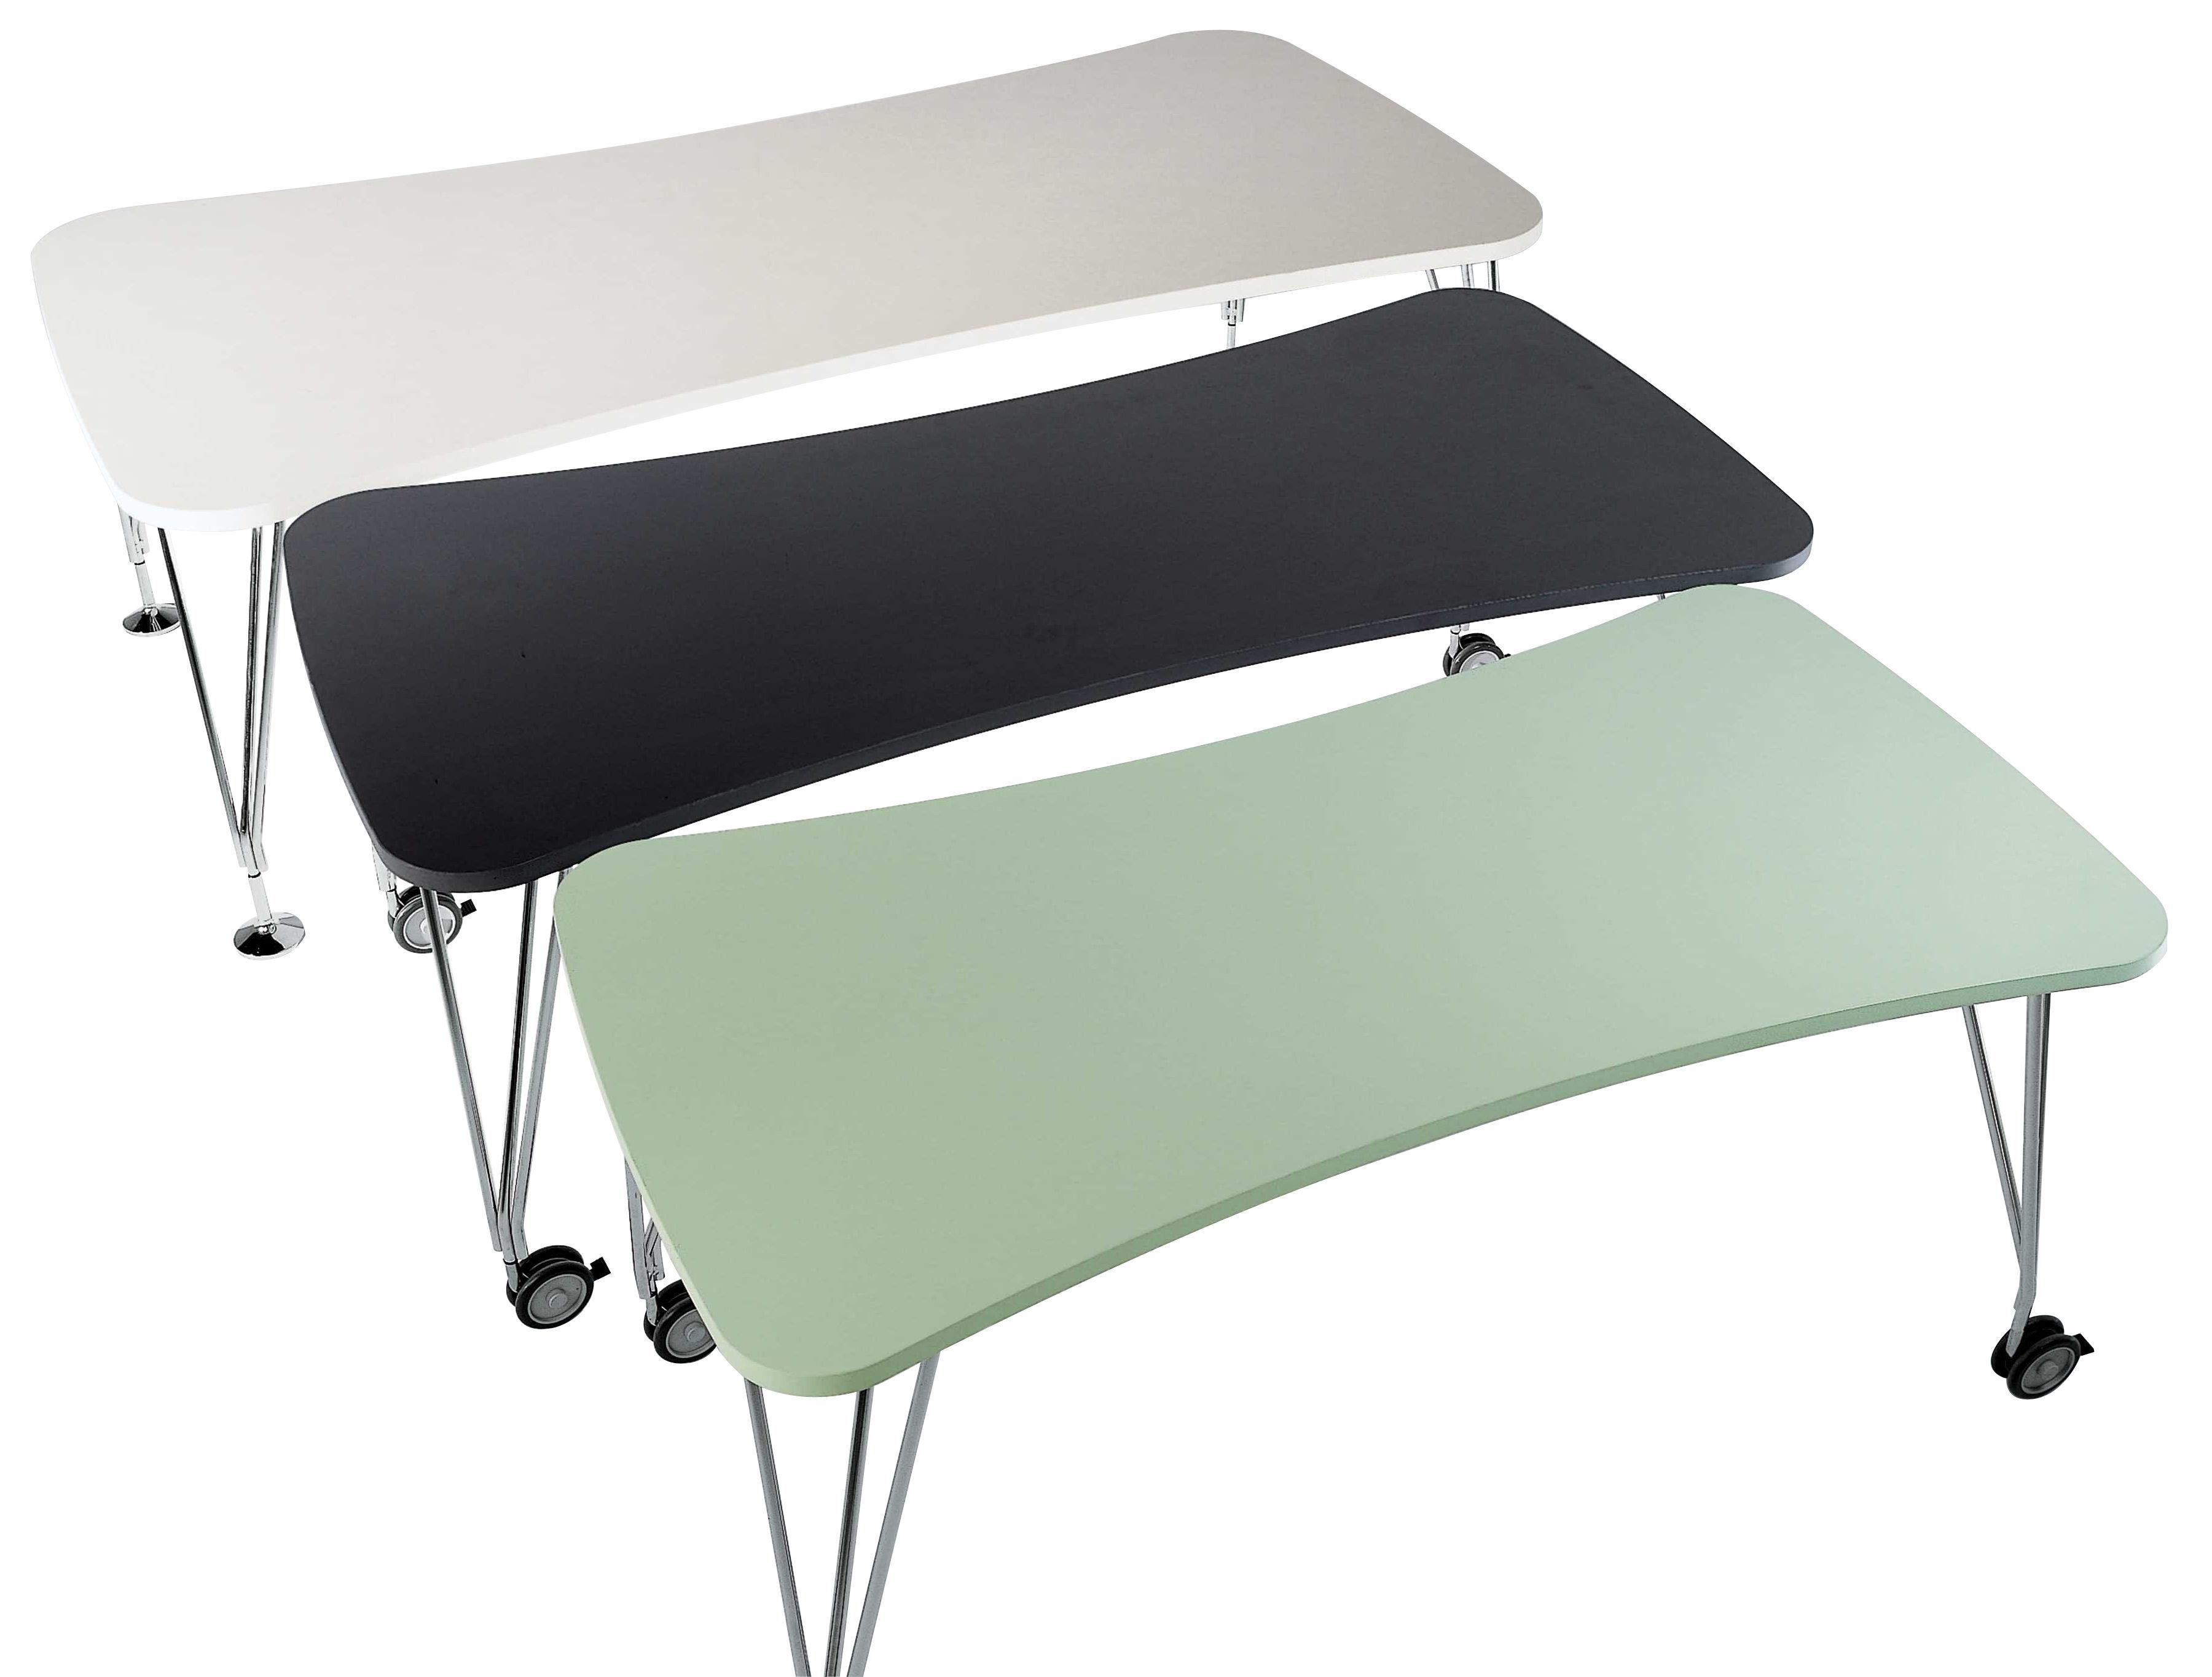 Möbel - Möbel für Teens - Max rechteckiger Tisch mit Füßen - 160 cm - Kartell - Schiefer 160 cm - Laminat, verchromter Stahl